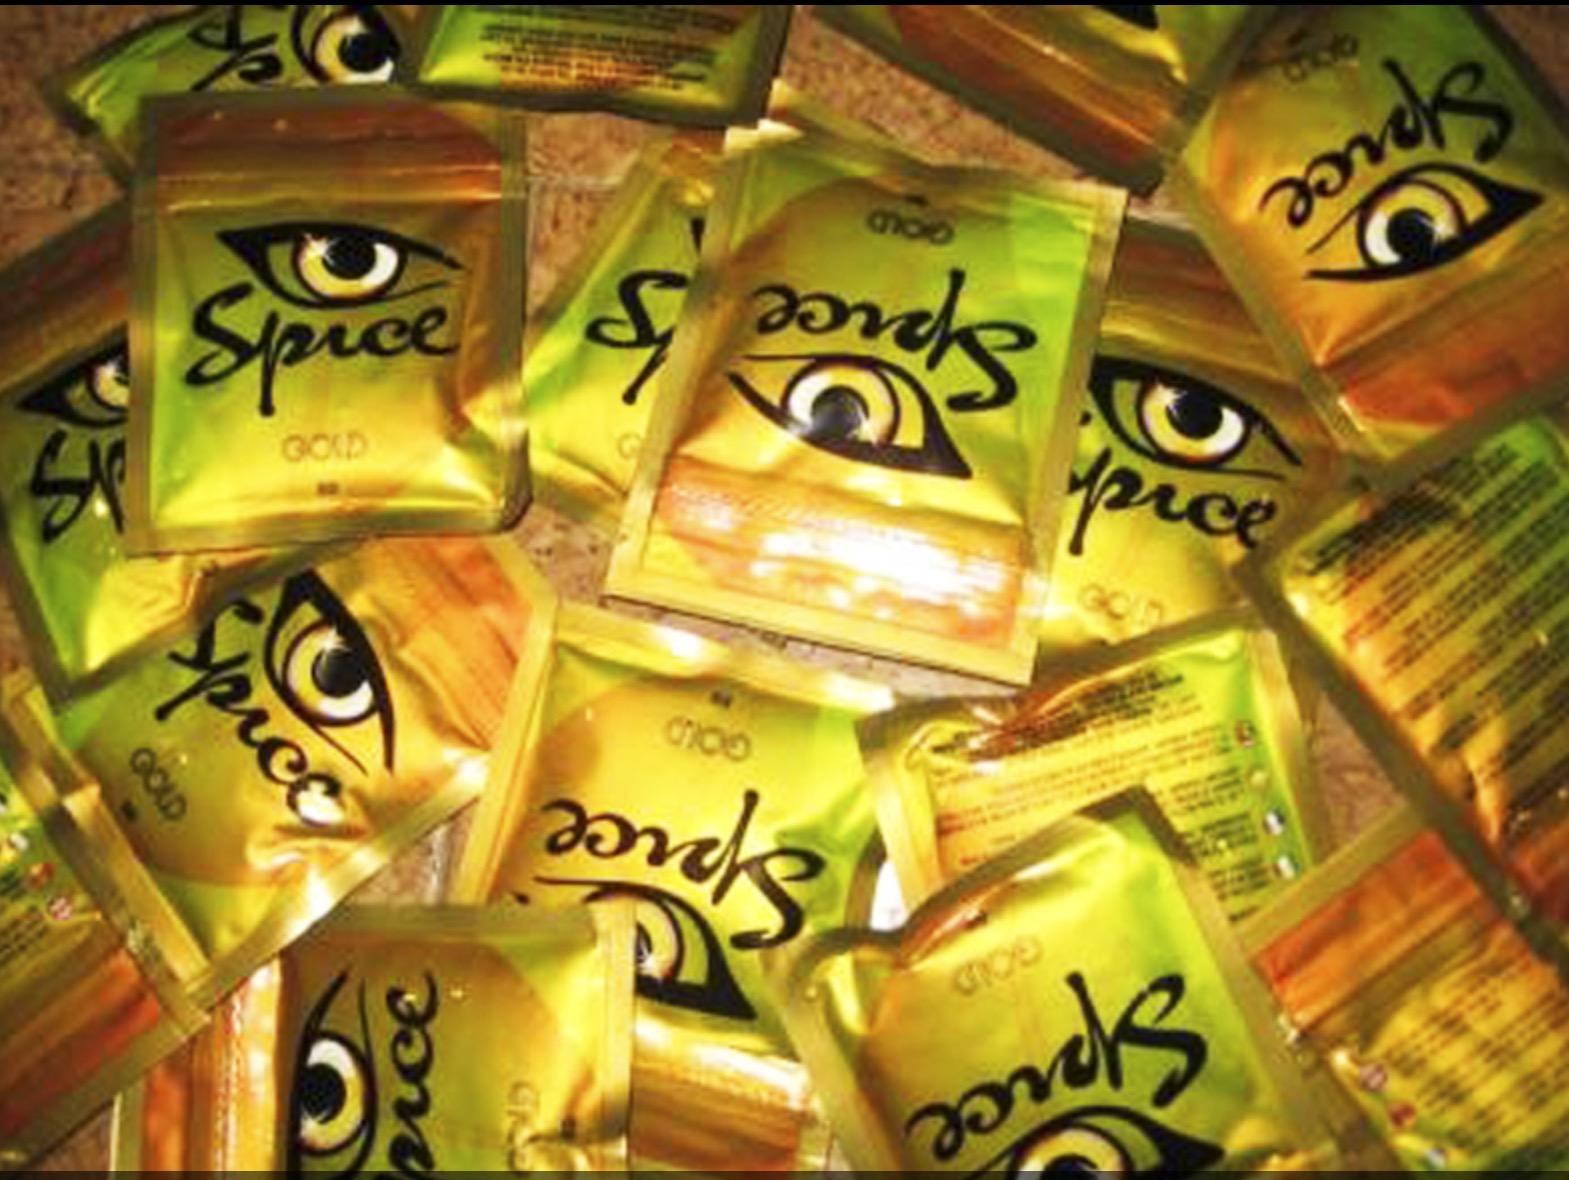 Spice Gold. Synthetic marijuana.